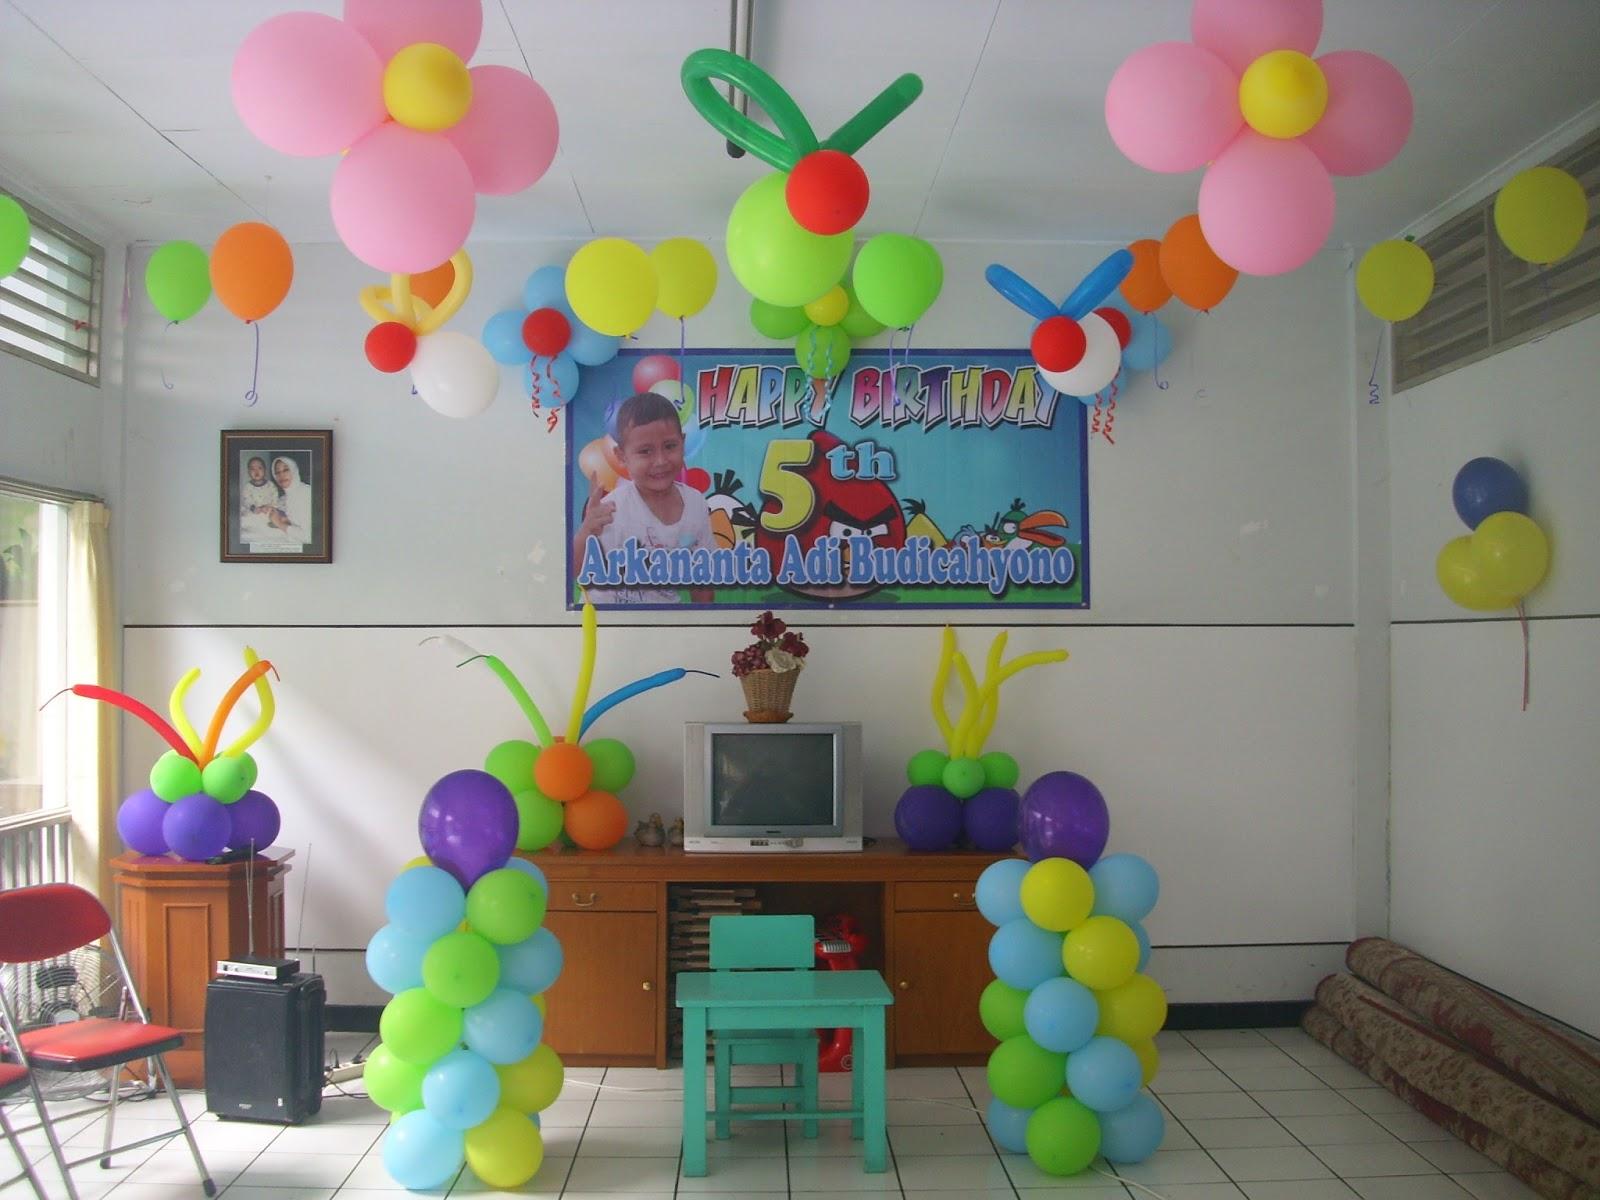 Dekorasi balon ulang tahun anak for Dekor ulang tahun